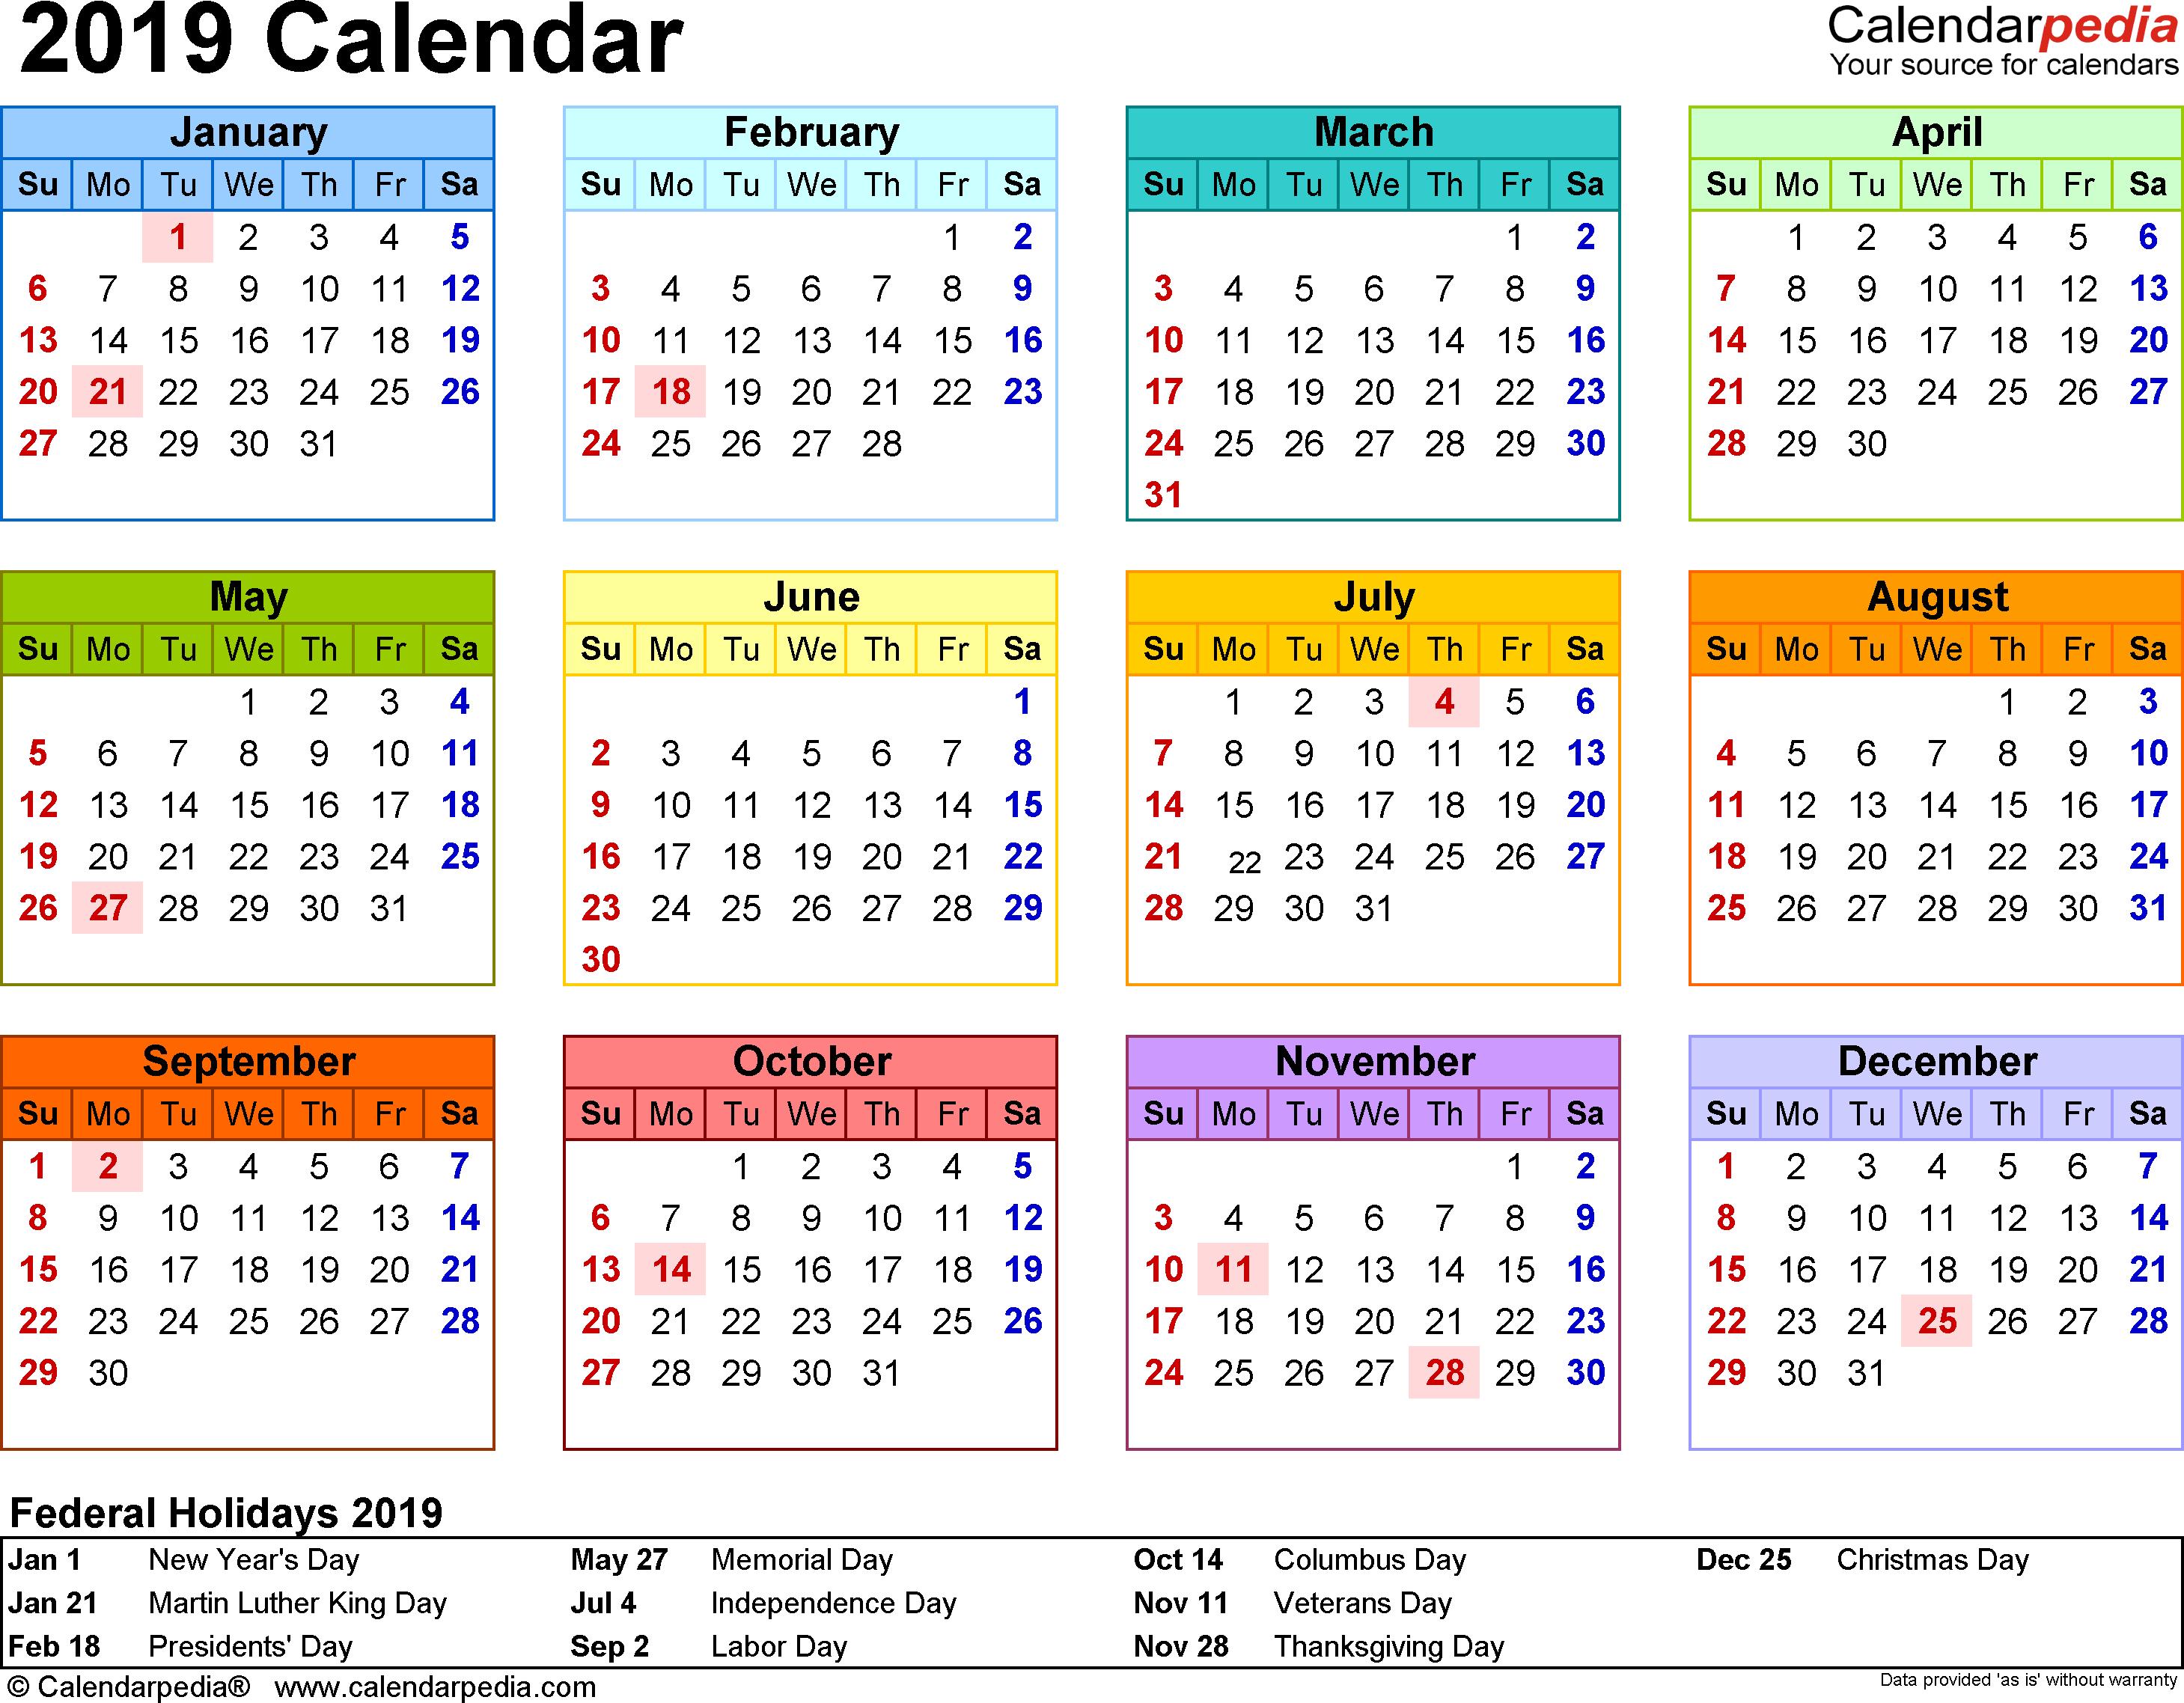 2019 Calendar One Page | Printable Calendar Template | Printable Calendar En 8 2019